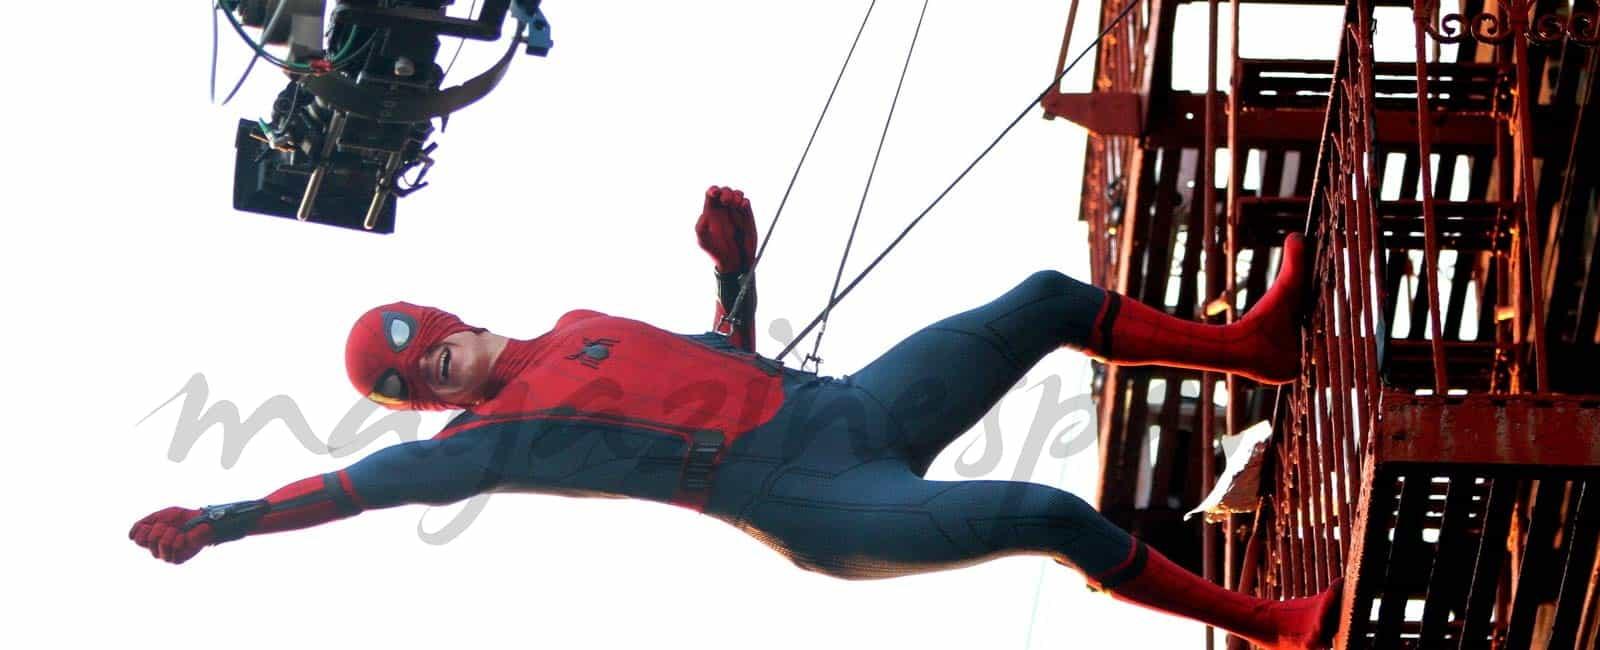 Spiderman llega a la Gran Manzana